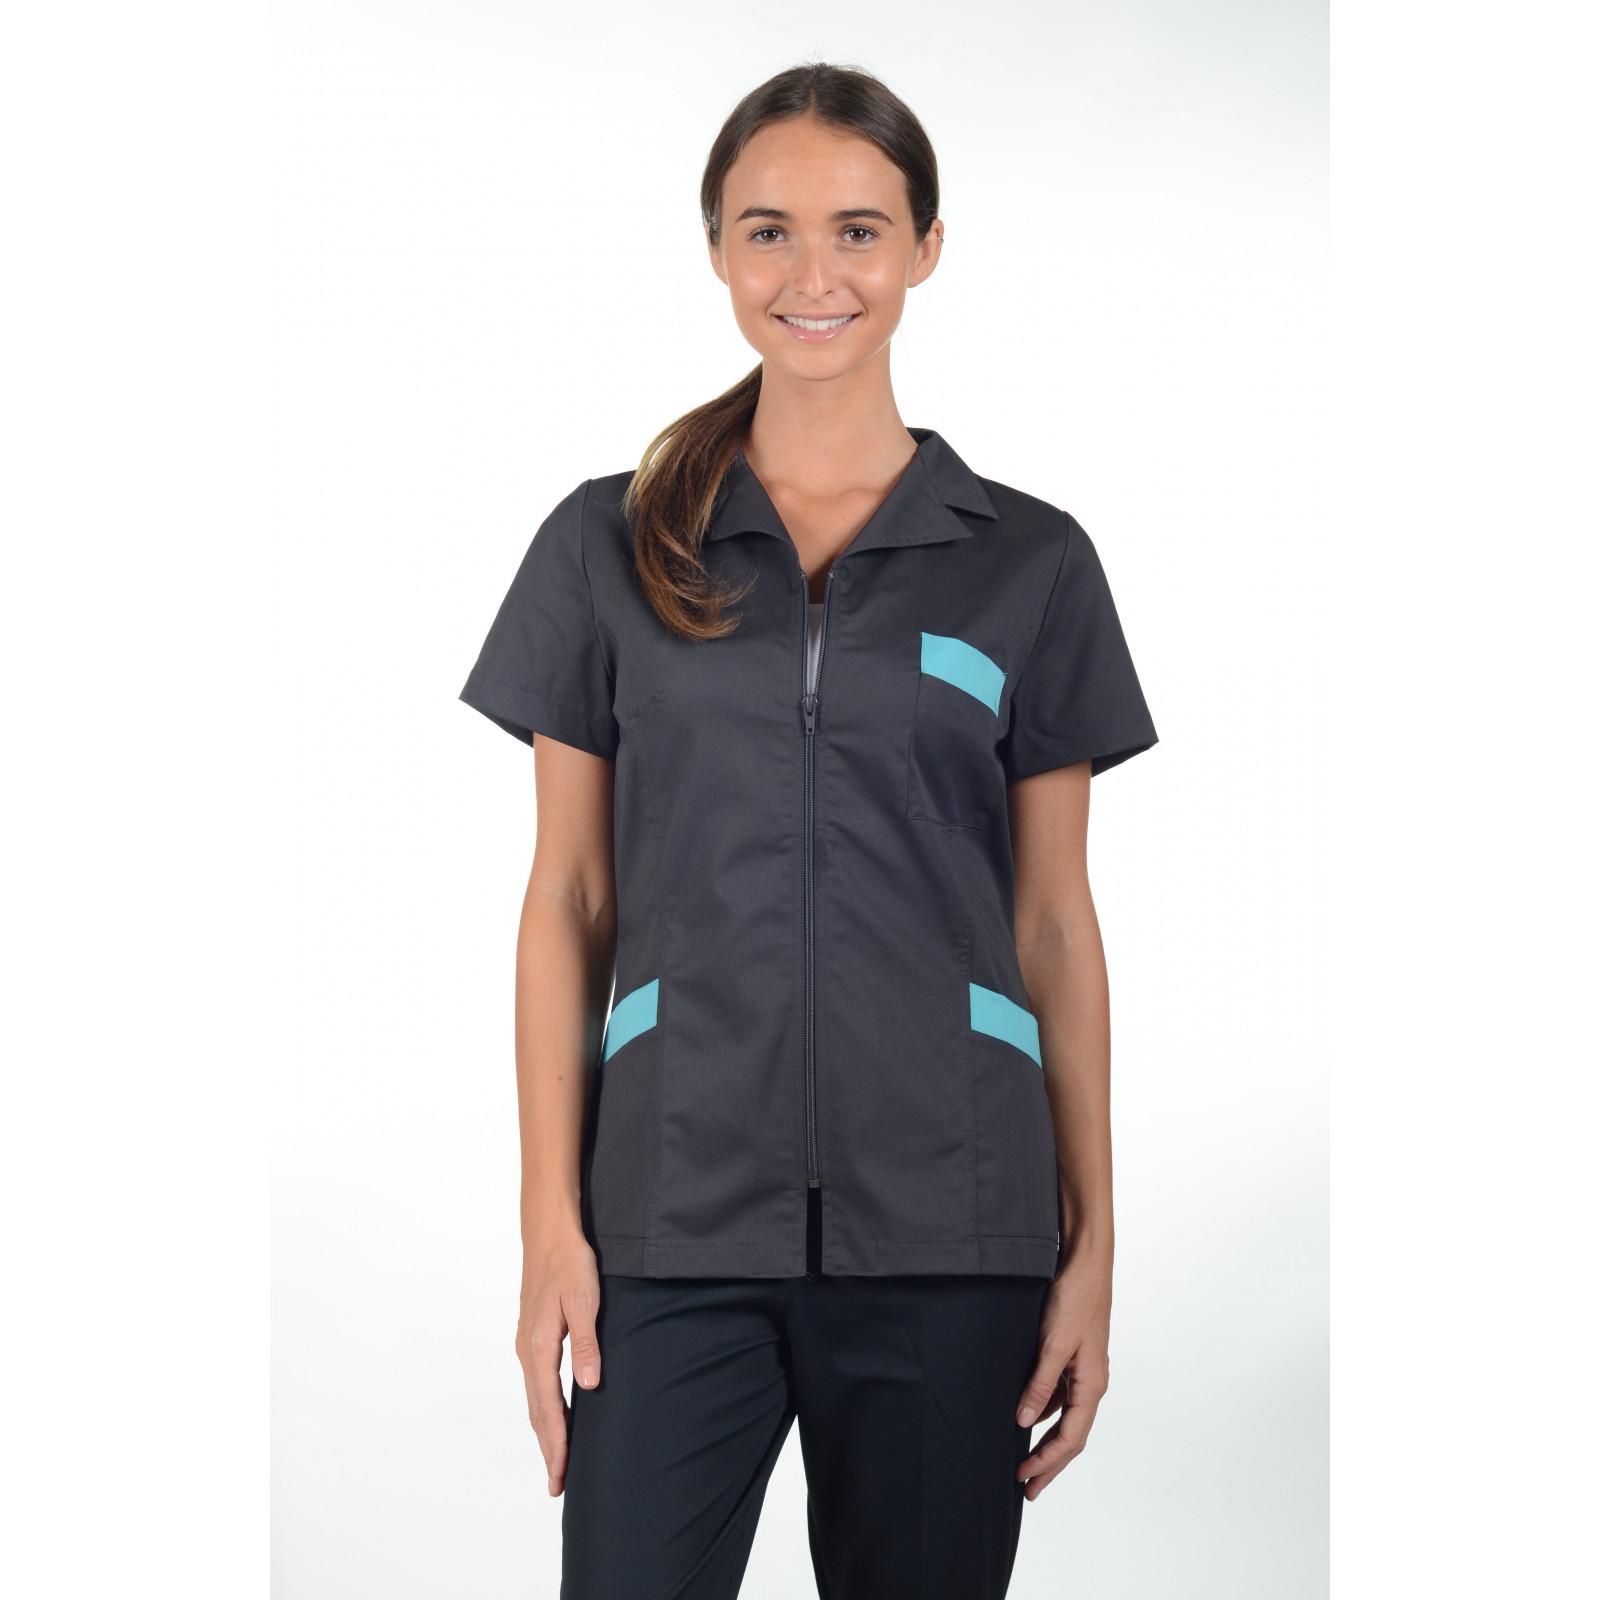 Blouse médicale zip cintrée, Mankaïa Factory Stretch (2486)